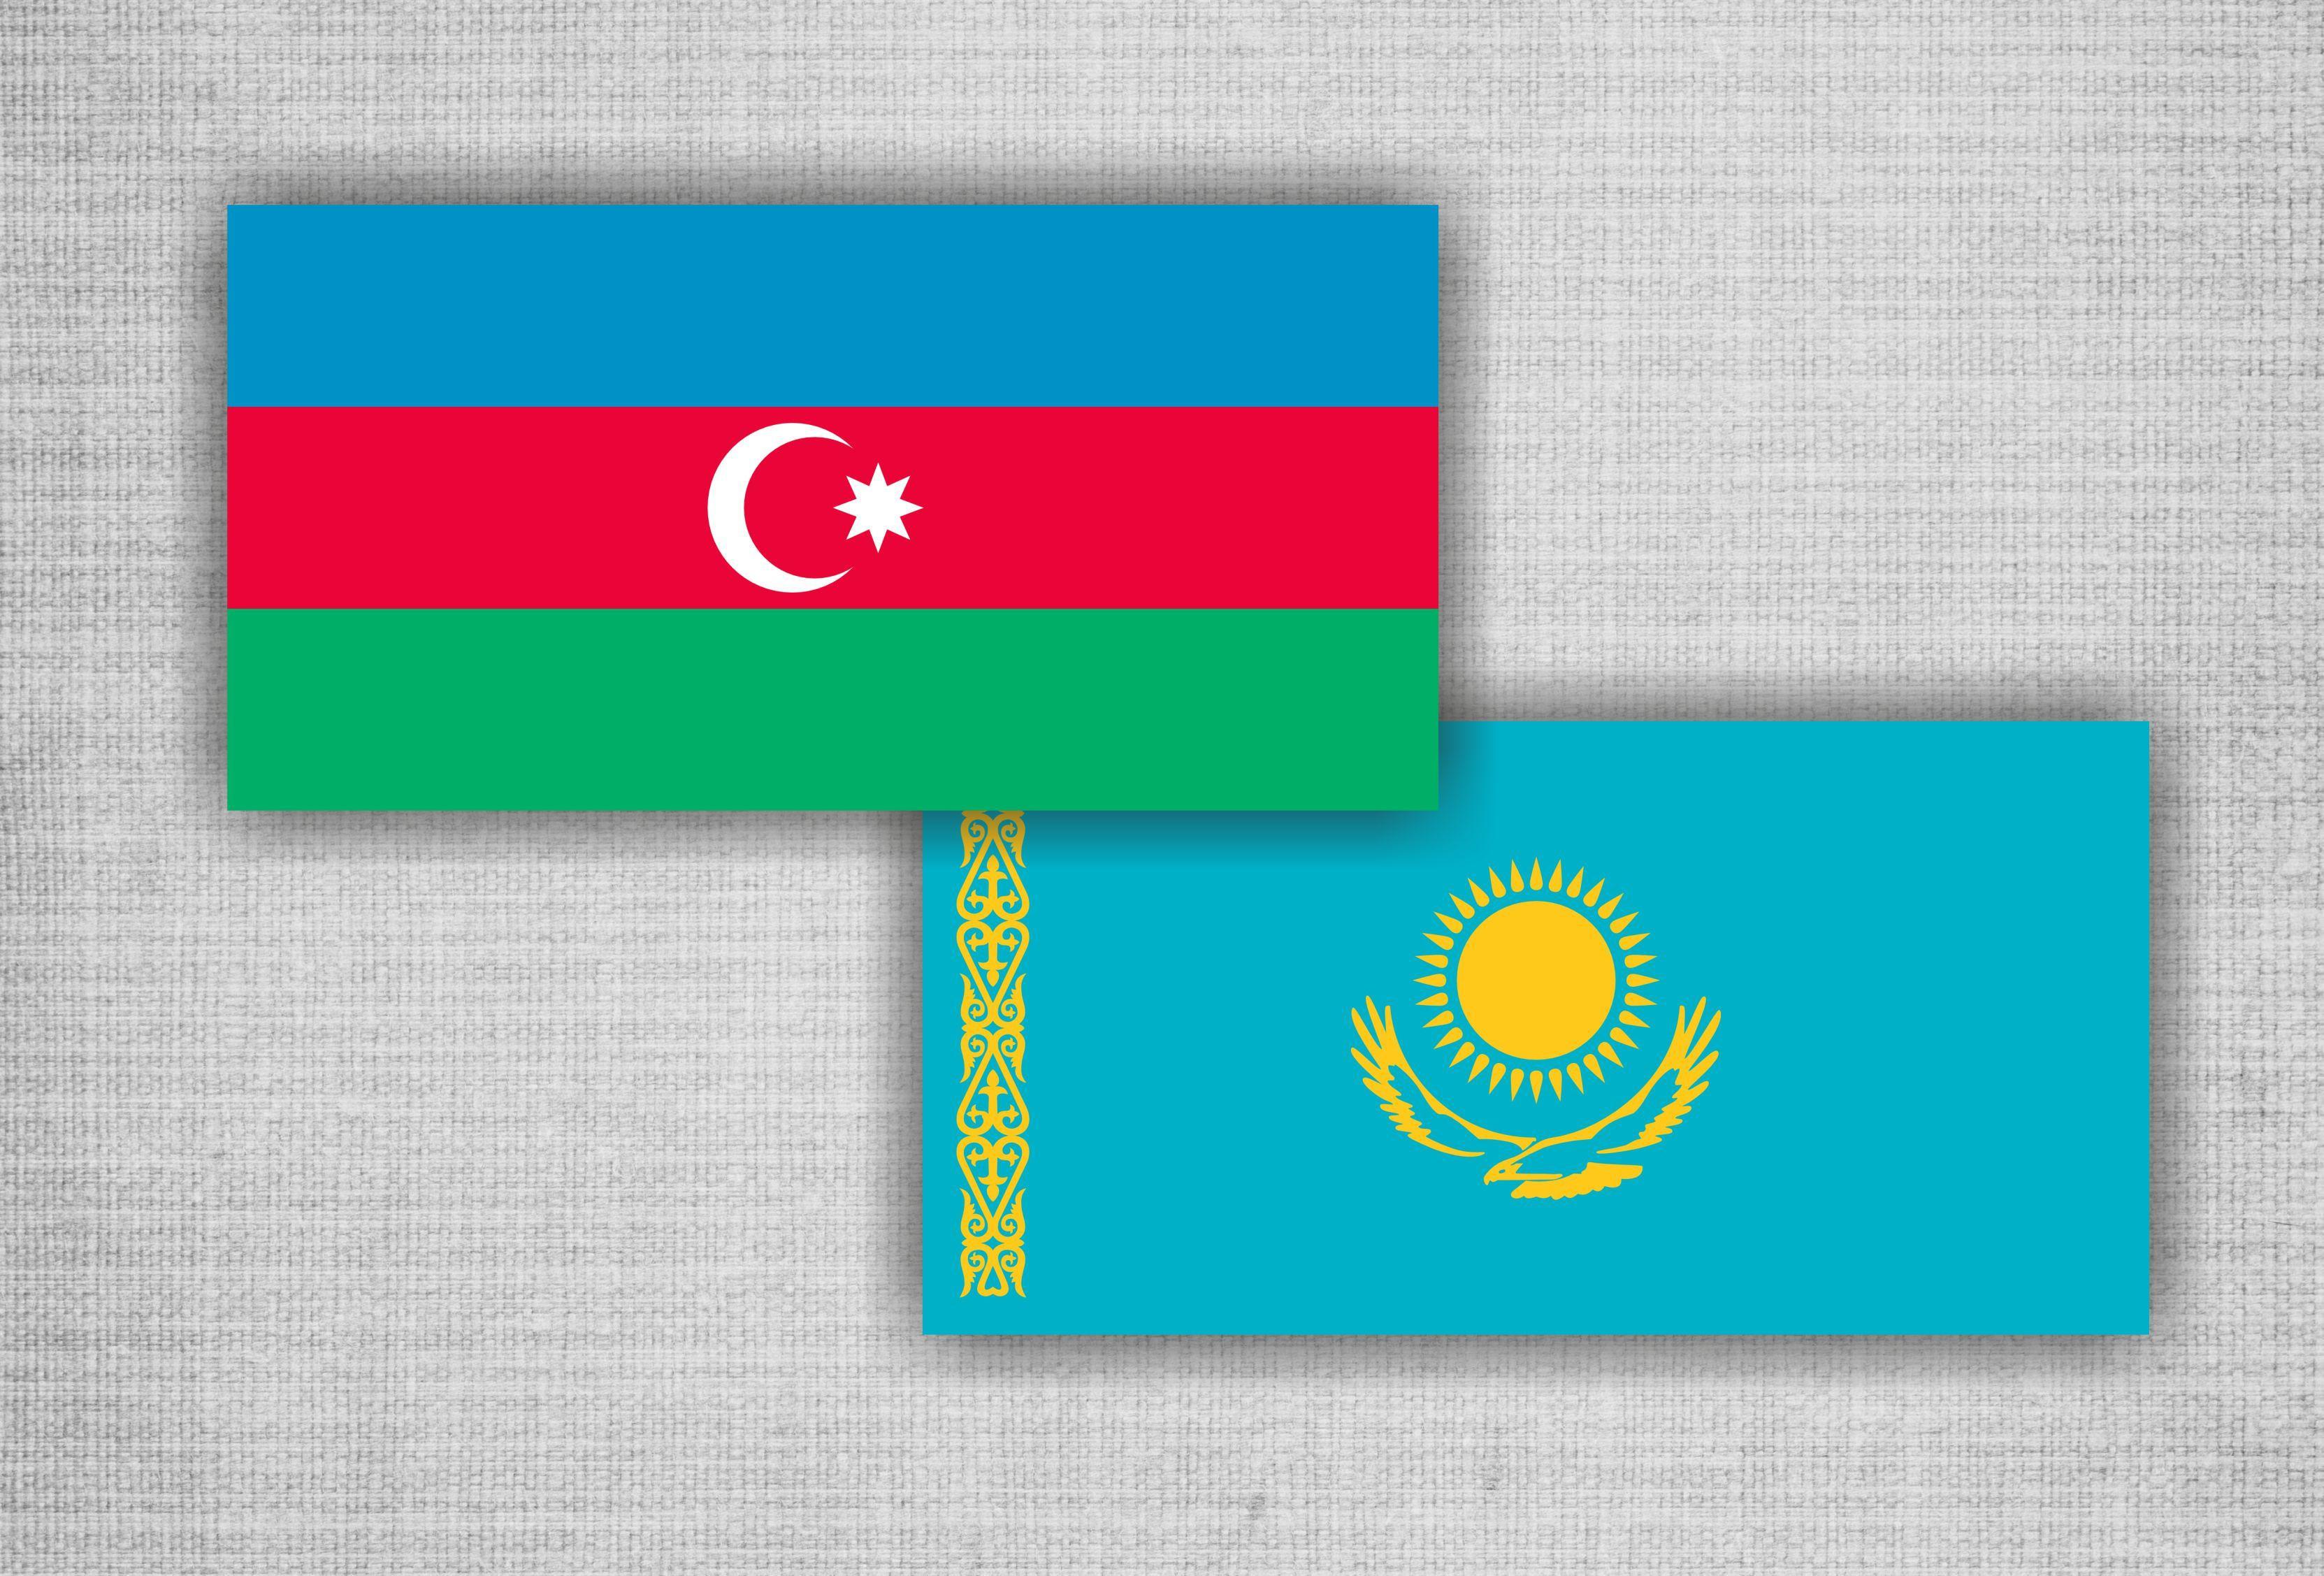 Azərbaycan şirkəti Qazaxıstan bazarında fəaliyyətini genişləndirir